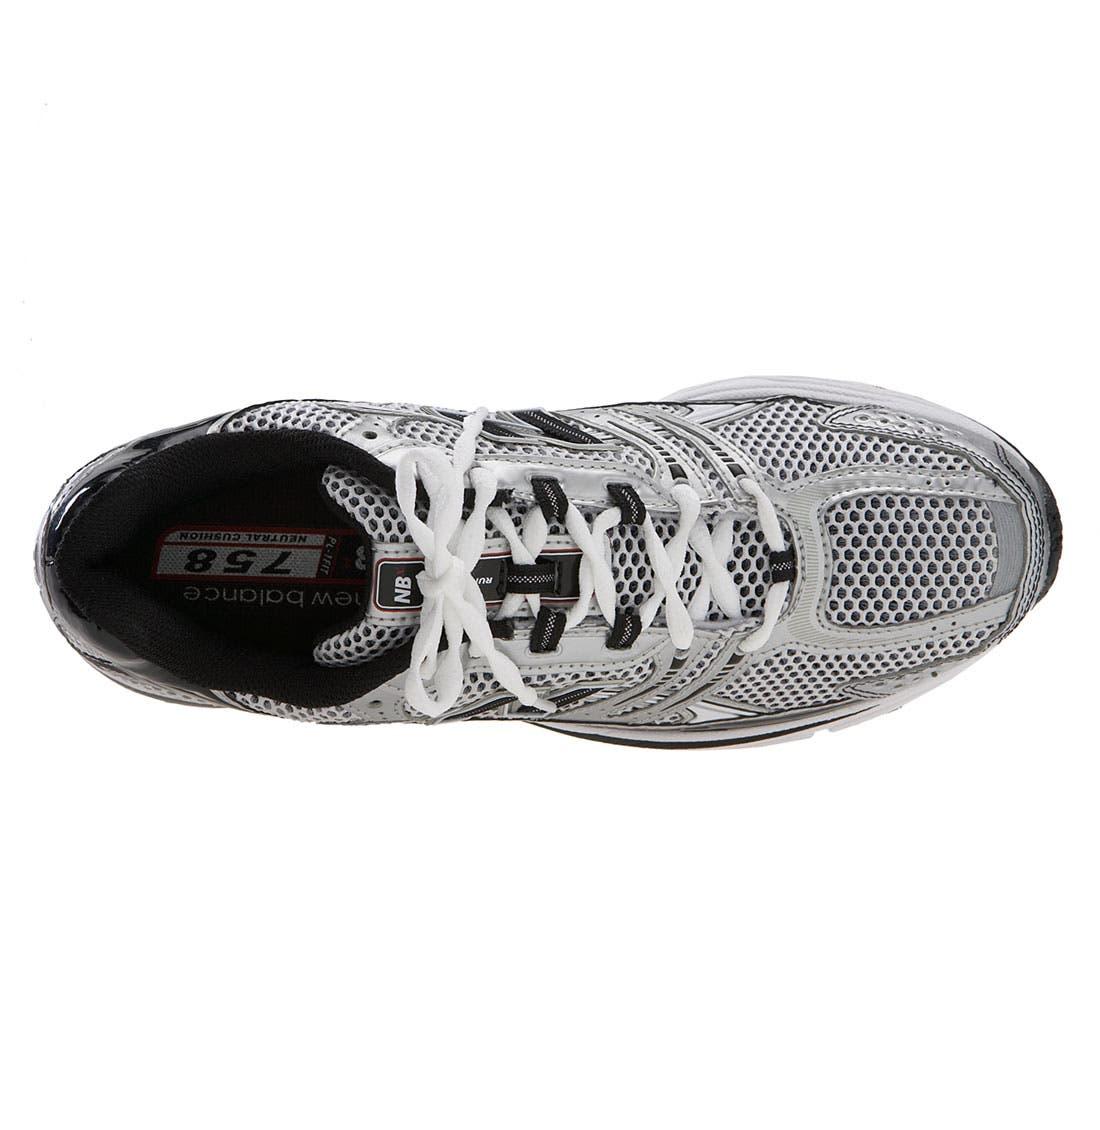 5d870d00520a5 ... discount new balance 758 running shoe men nordstrom c7fe5 dd3cd